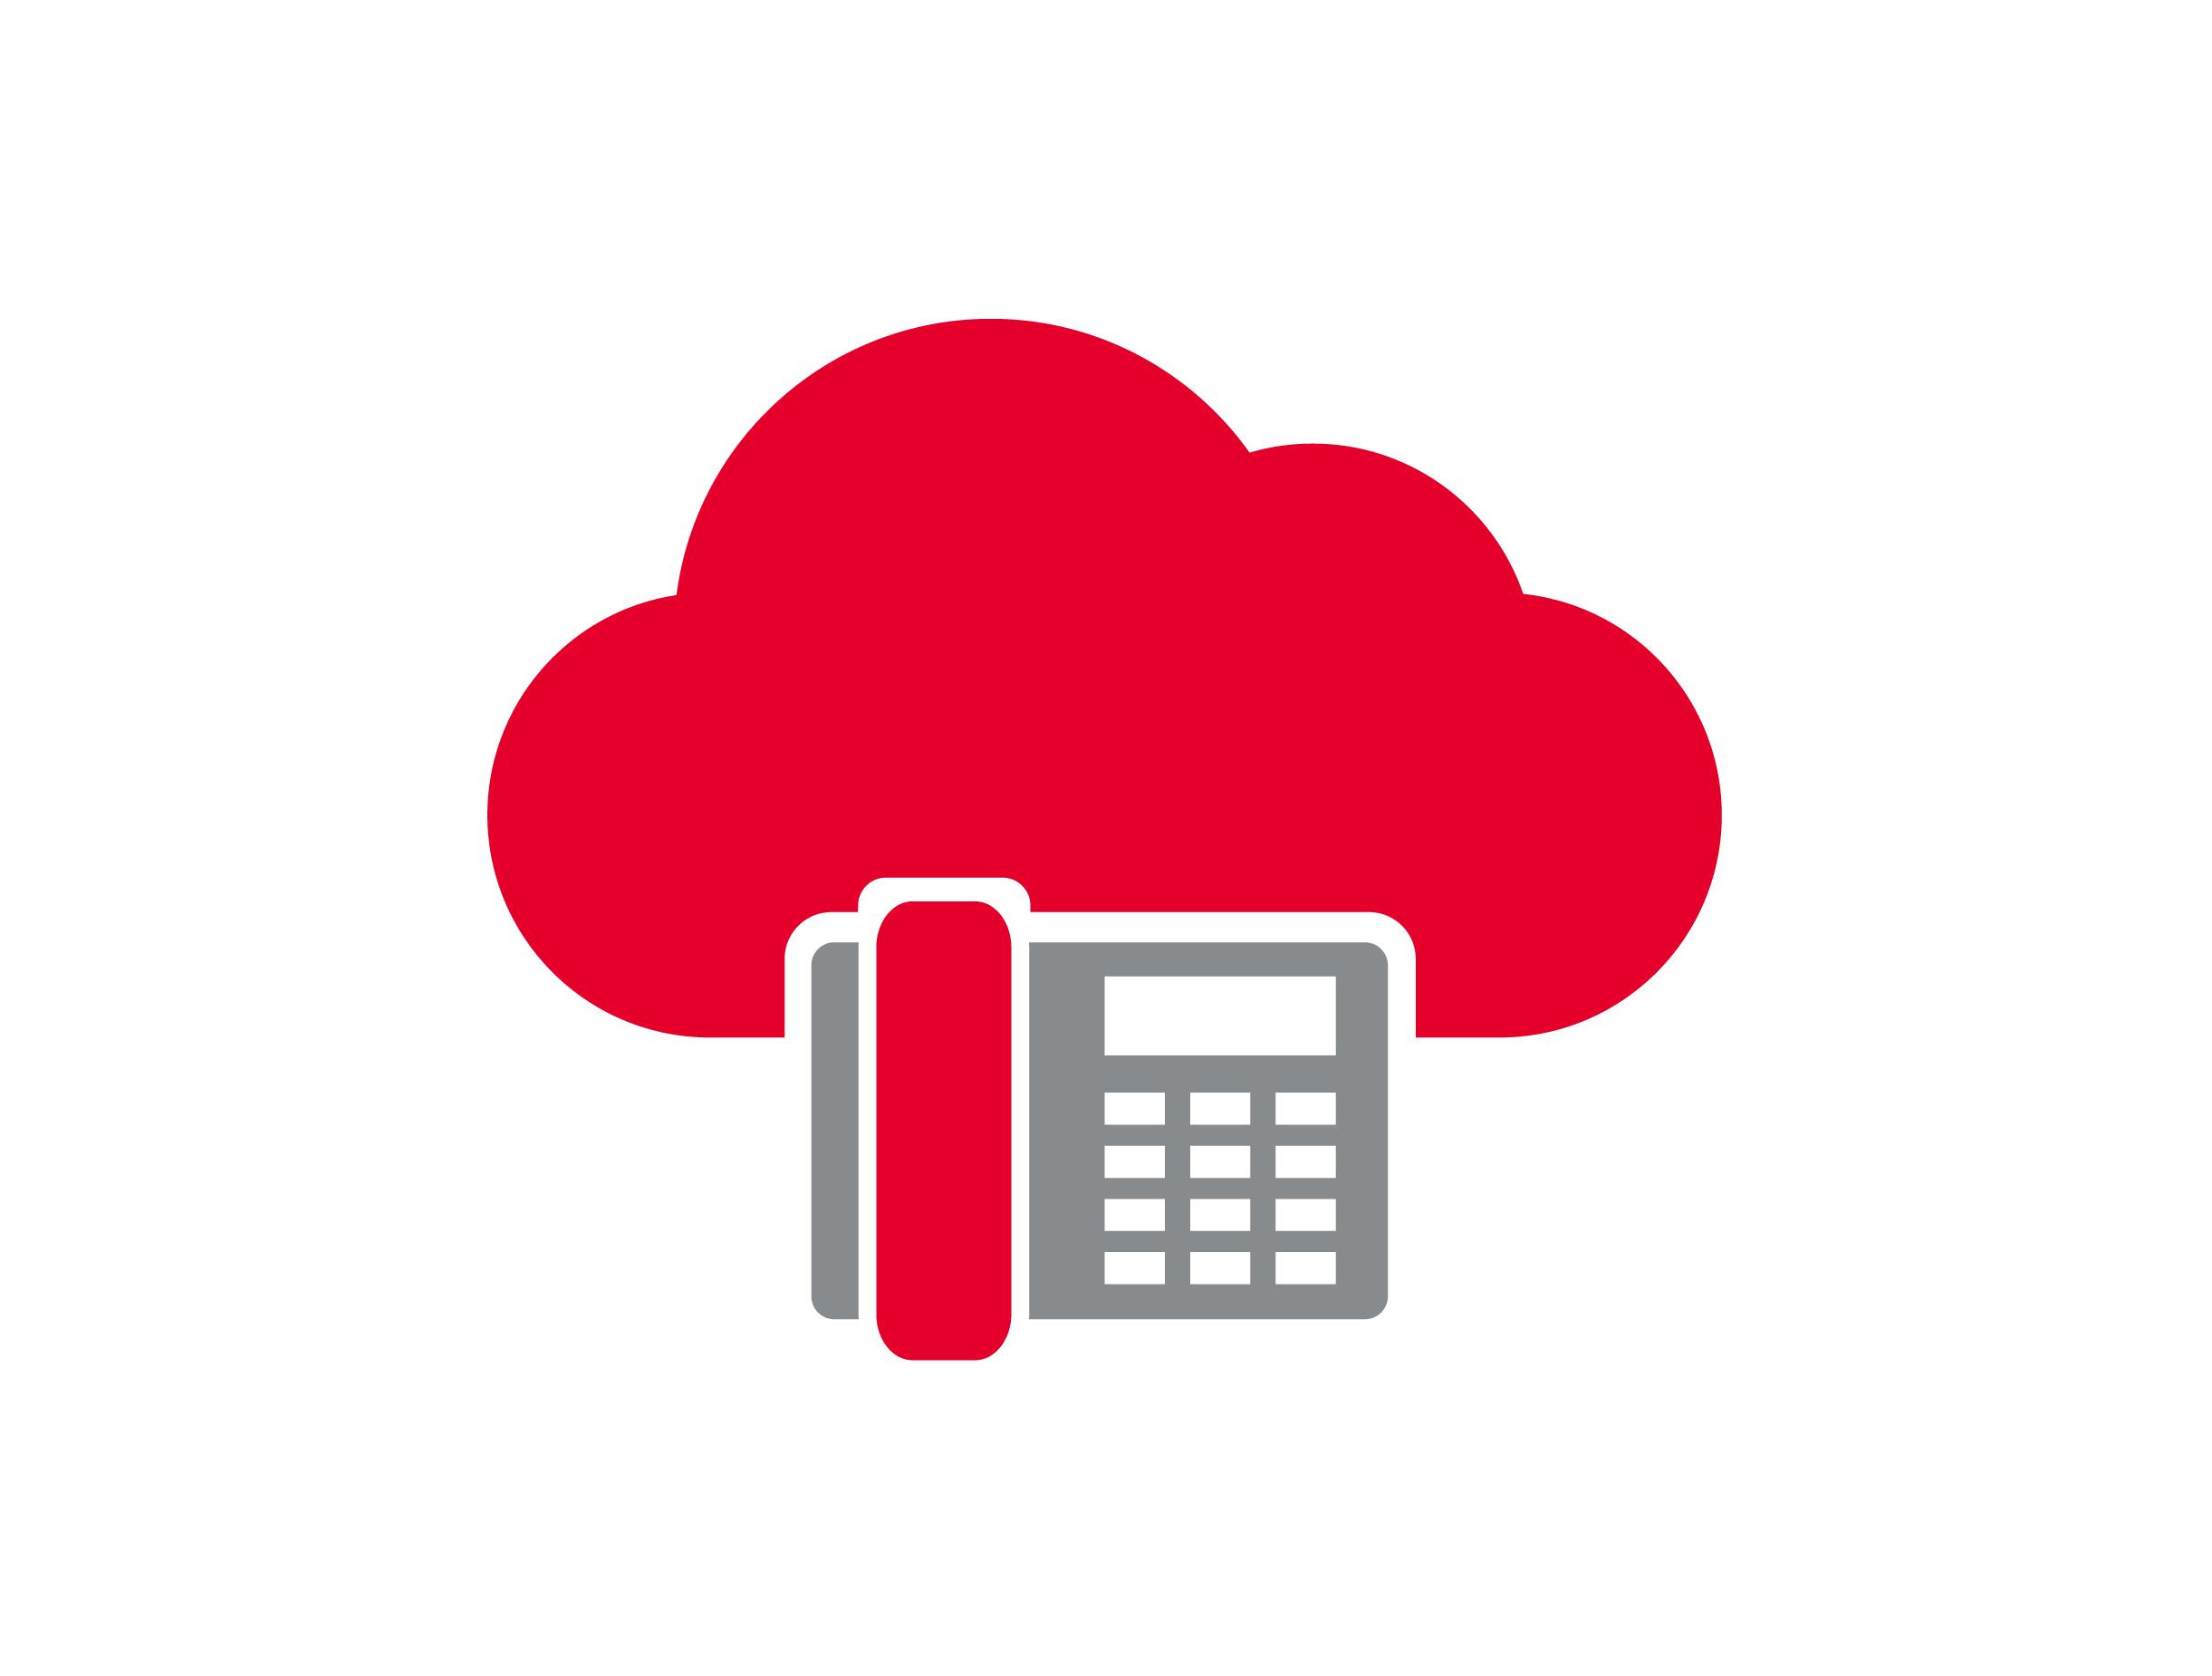 Digicel clipart data plans transparent library Cloud PBX transparent library